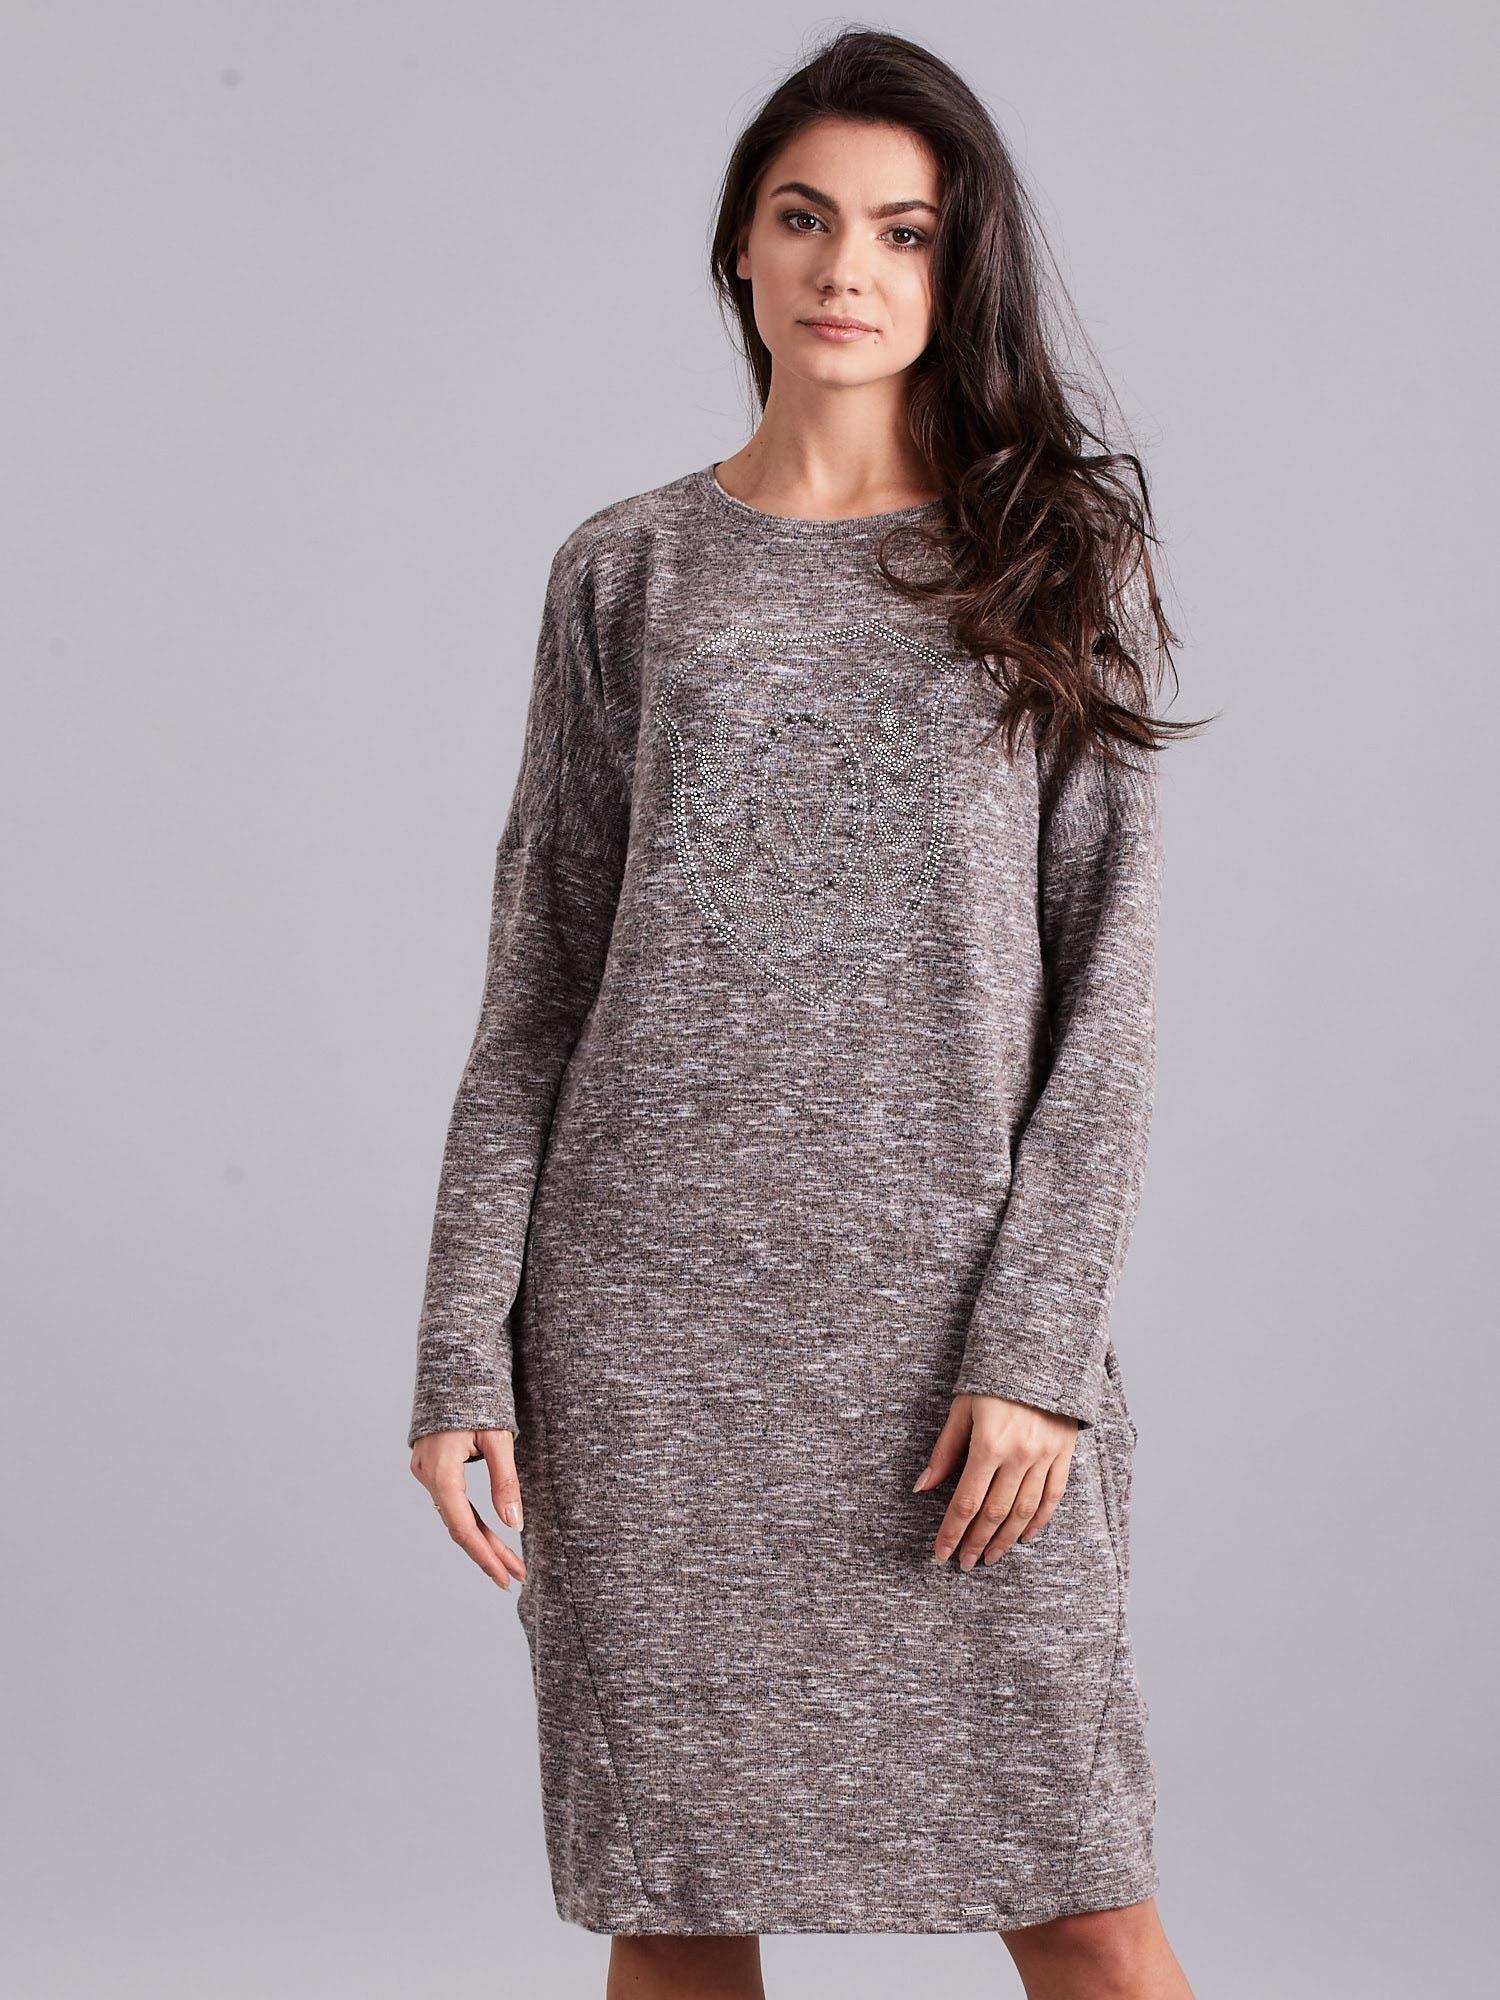 3766d1d250 Szaro-beżowa melanżowa sukienka z aplikacją - Sukienka na co dzień ...